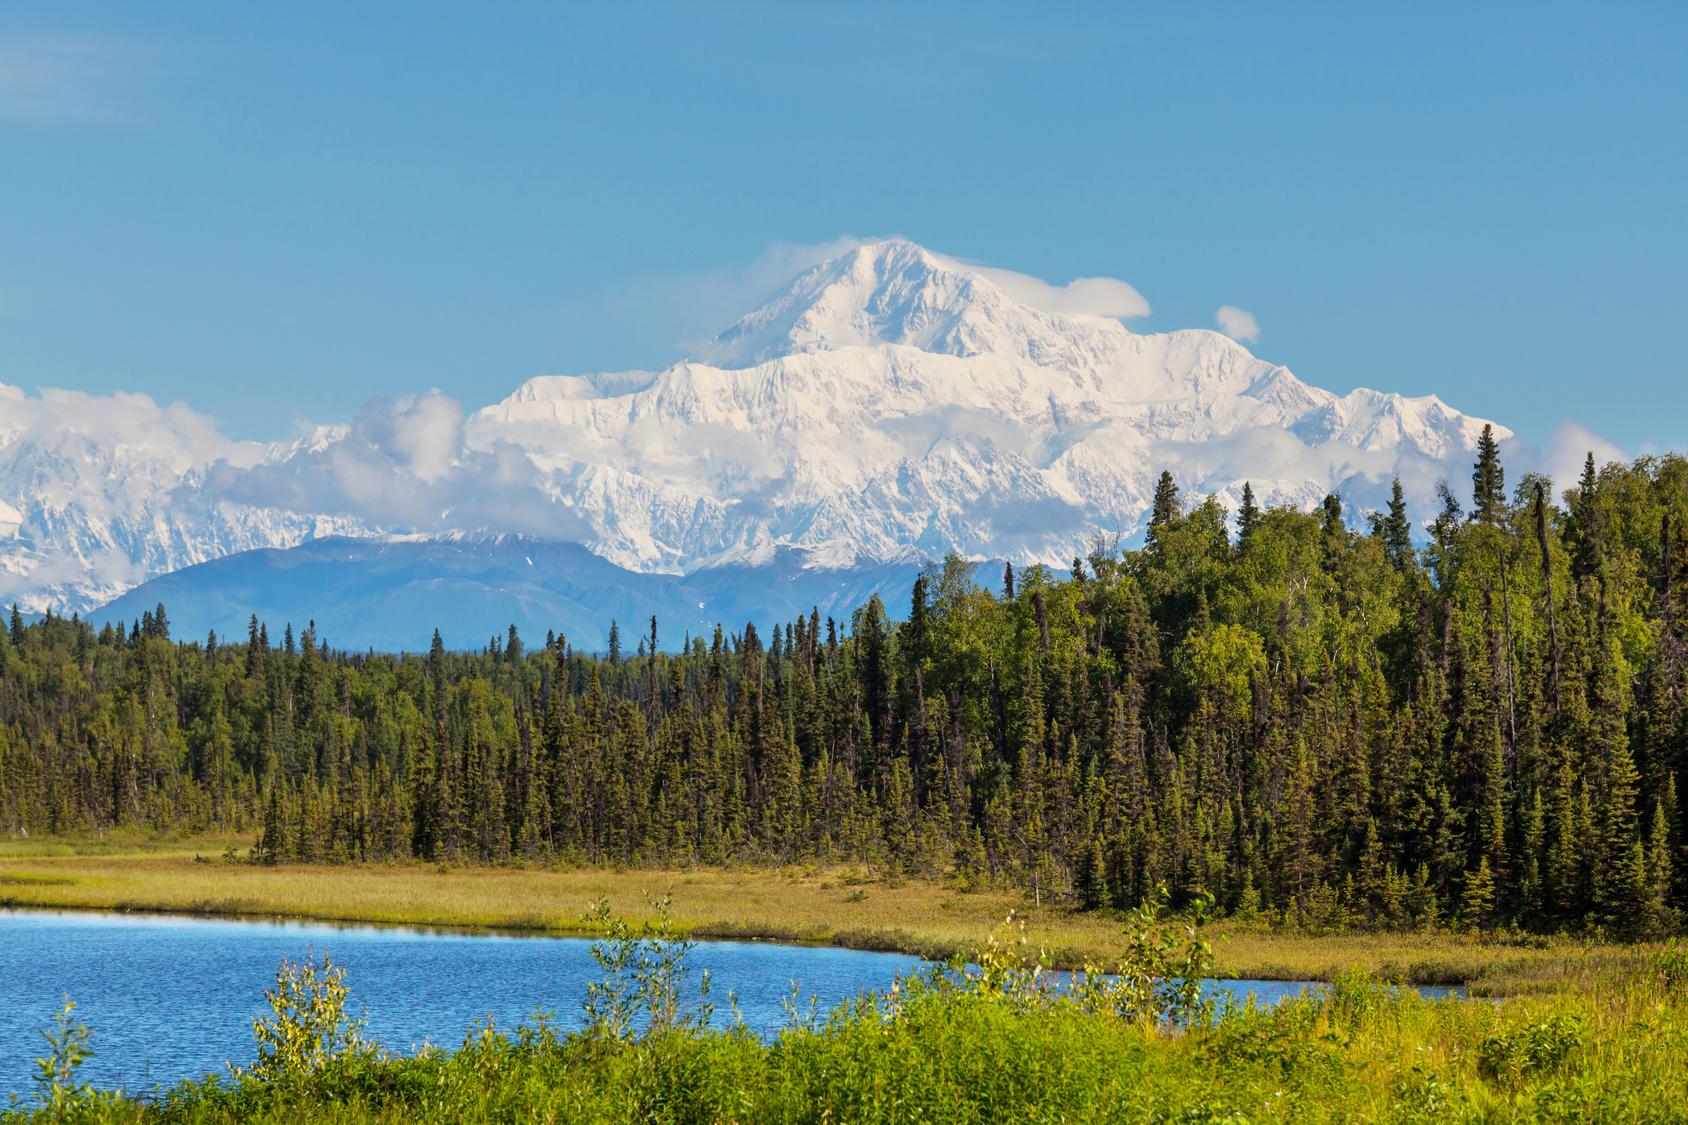 Denali (ehem. Mount McKinley) – höchster Berg Nordamerikas